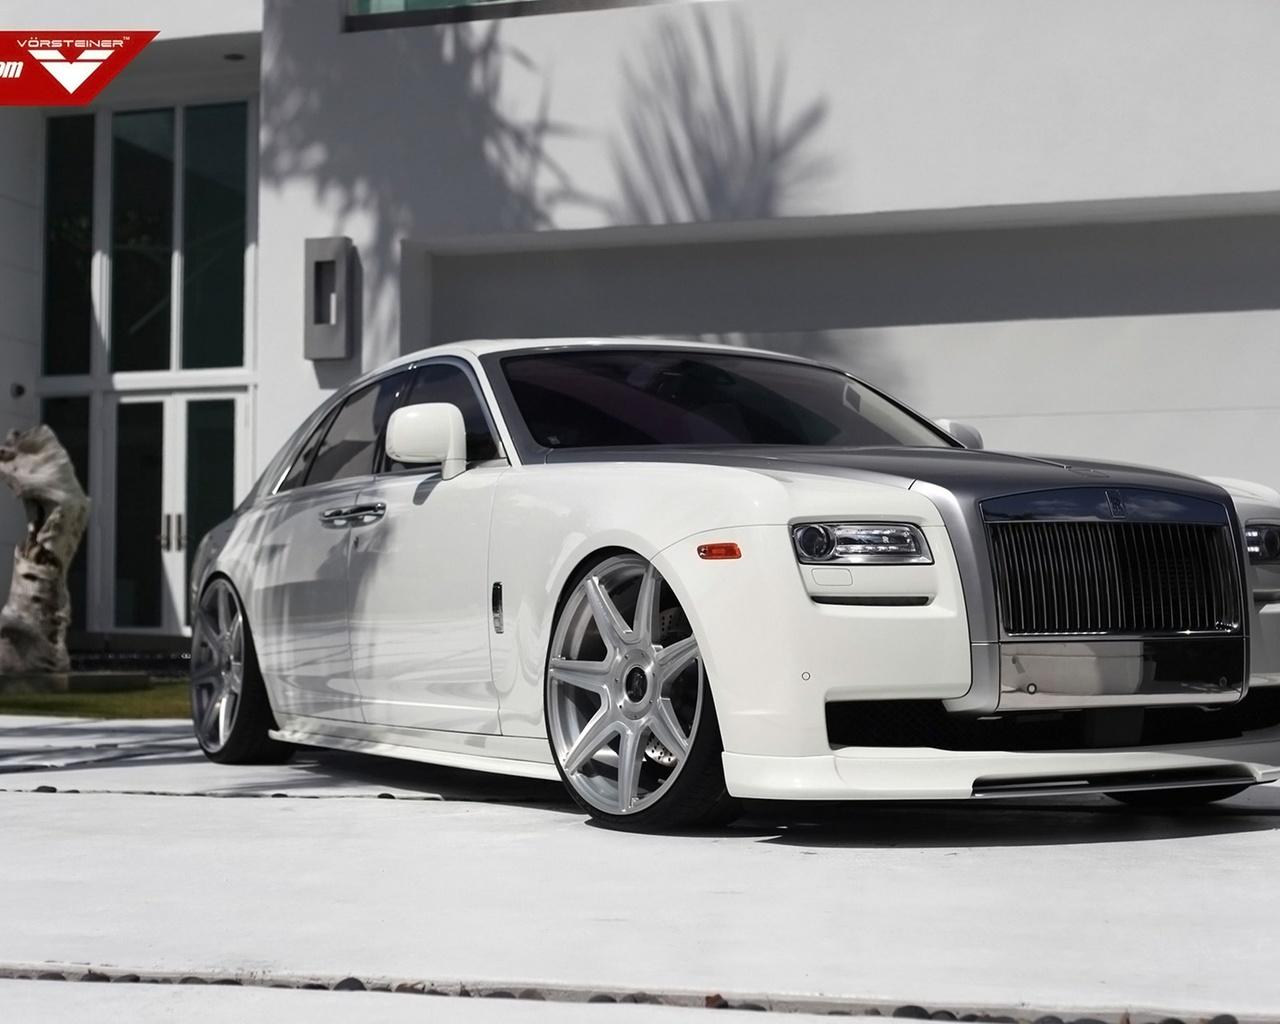 vorsteiner, rolls royce, ghost, supercar, car, tunning, white